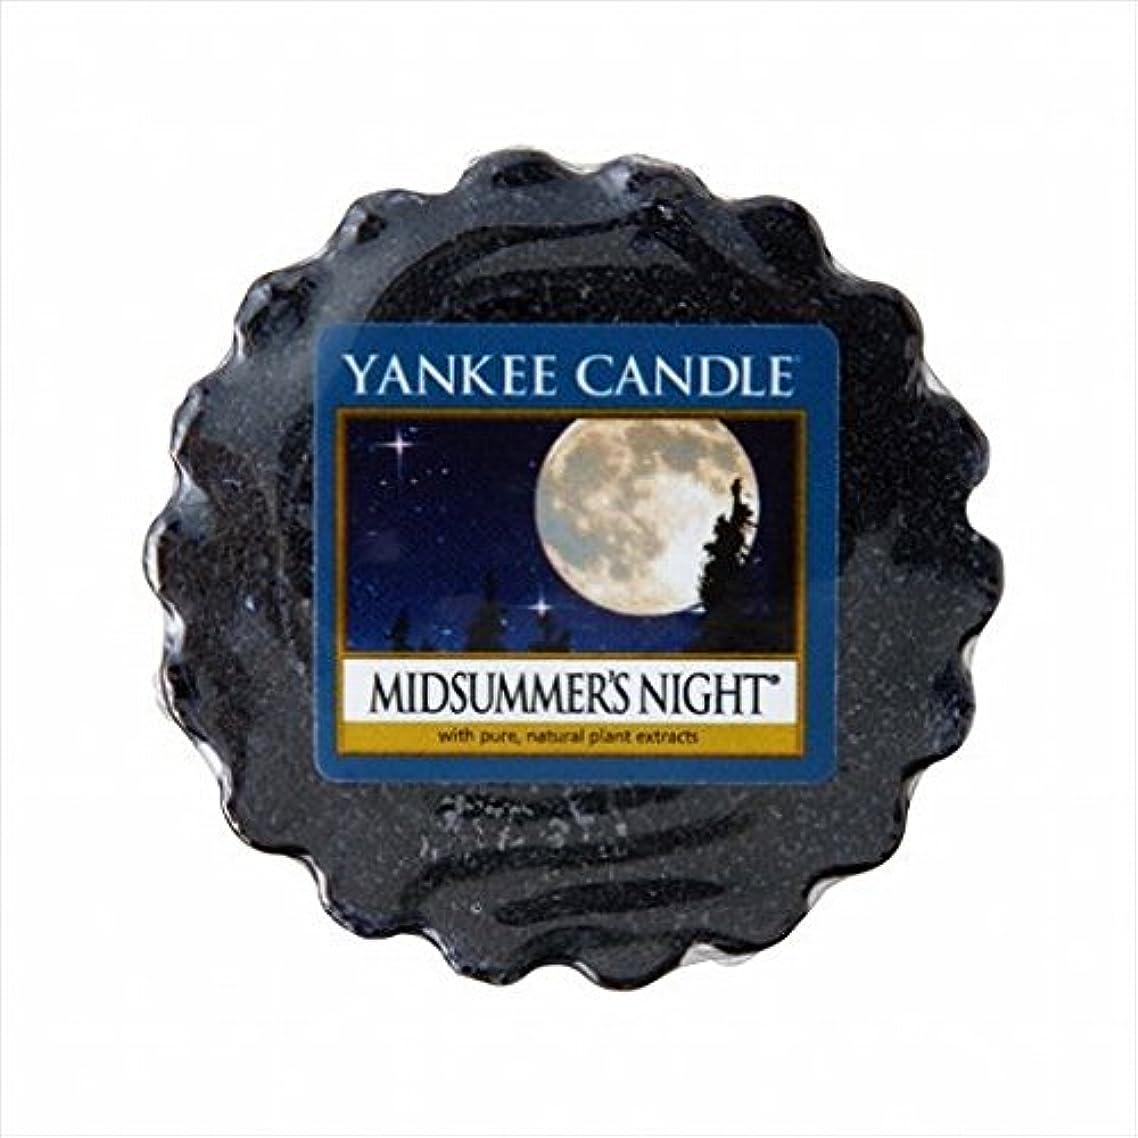 資産愛情矢印カメヤマキャンドル(kameyama candle) YANKEE CANDLE タルト ワックスポプリ 「 ミッドサマーズナイト 」